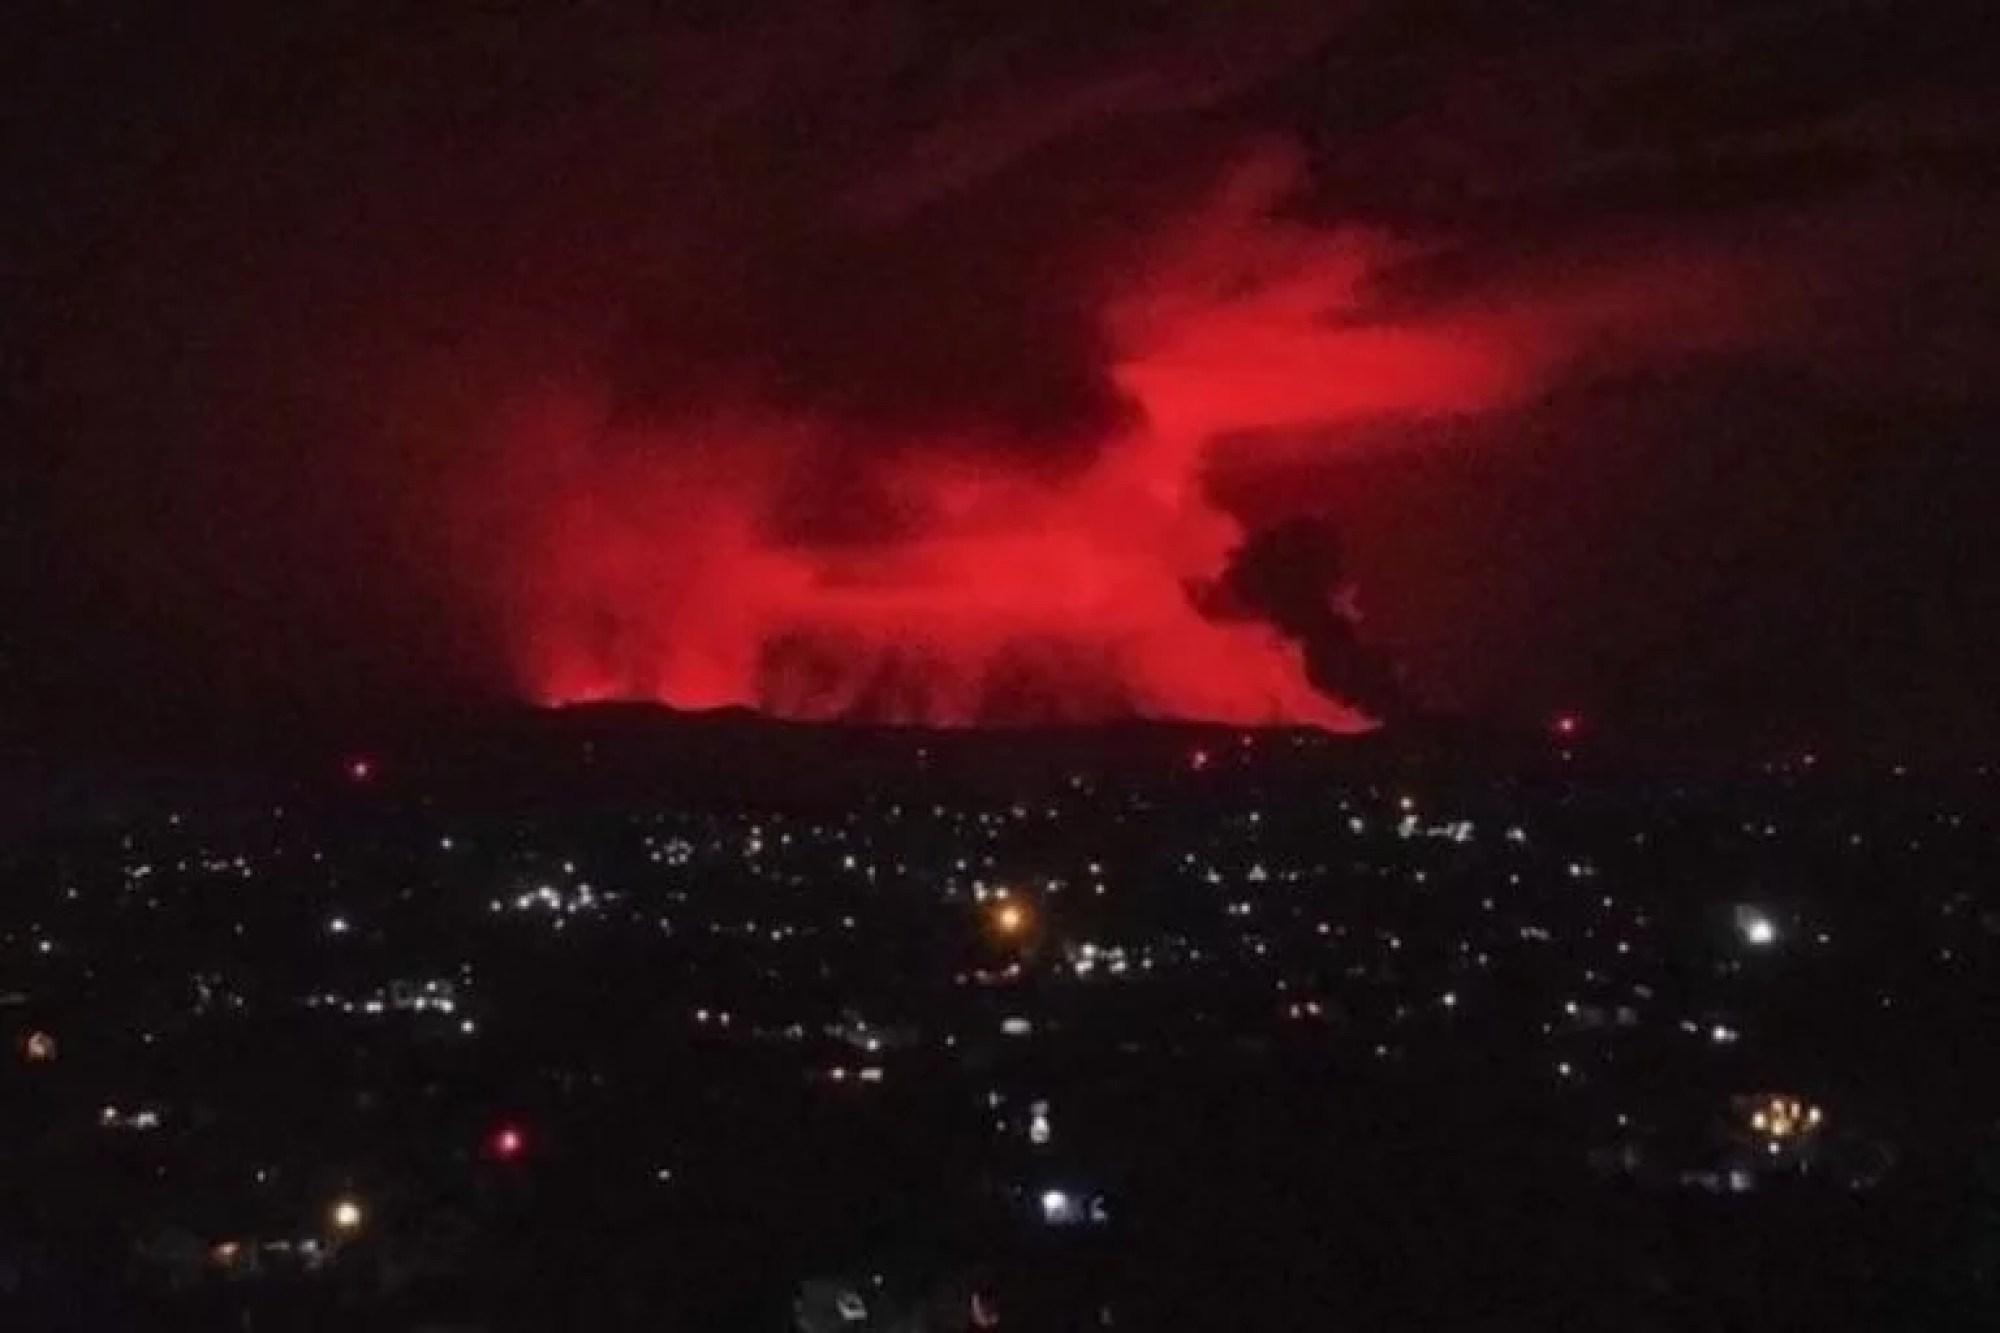 El cielo rojo se tiñó de rojo tras la erupción y se pudo ver desde la frontera en Gisenyi, Ruanda